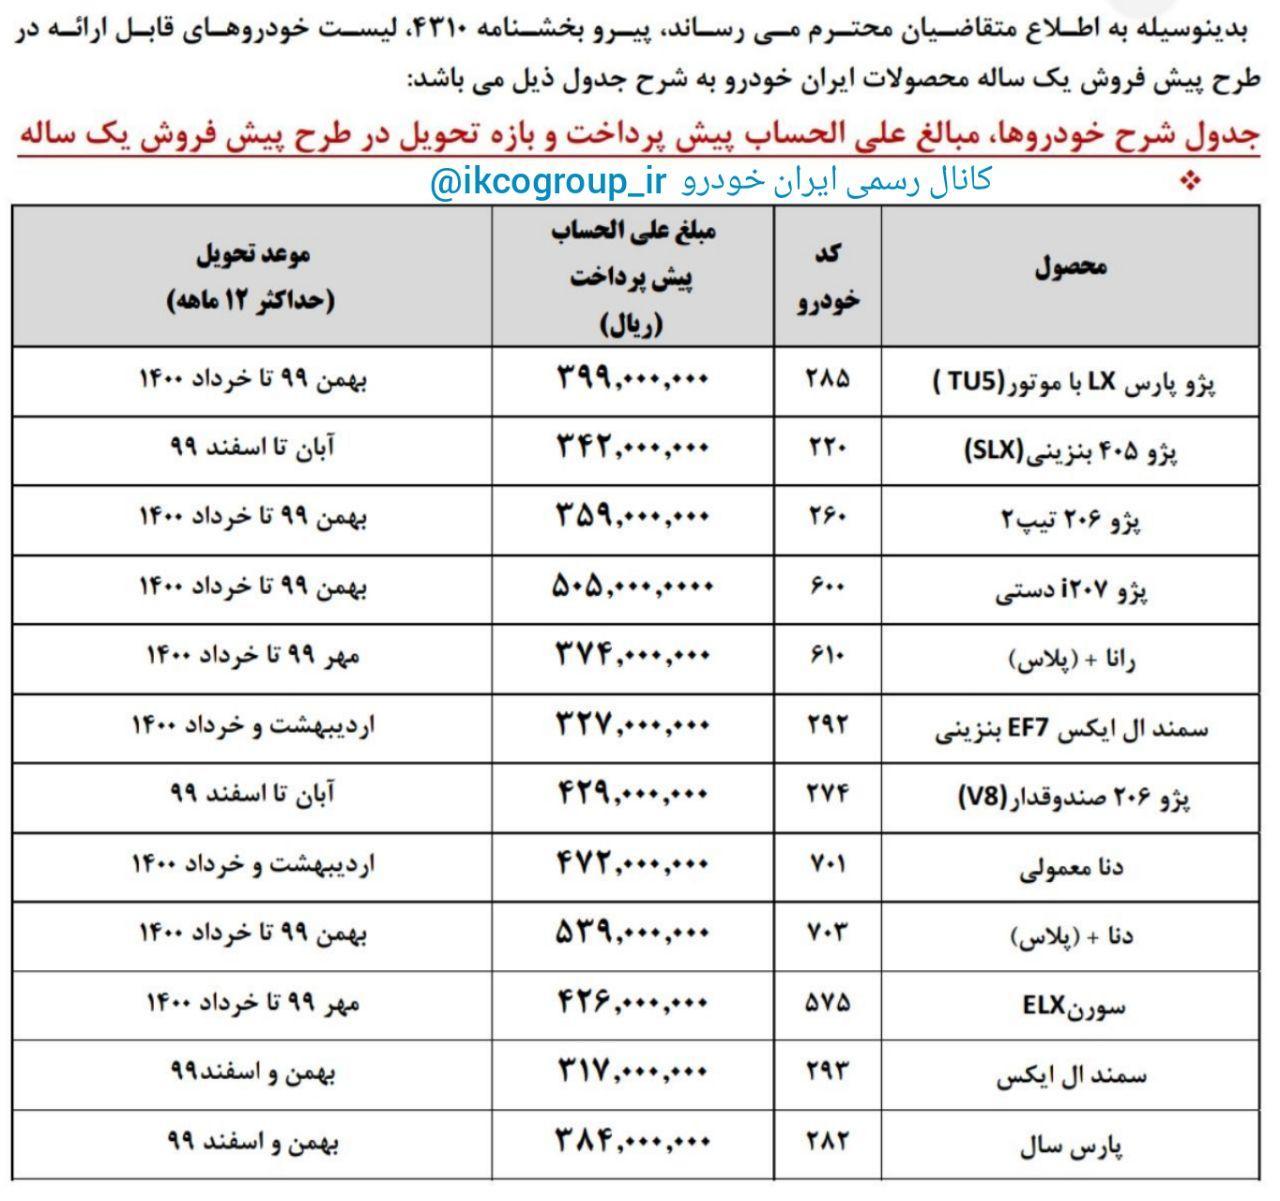 آغاز پیش فروش جدید محصولات ایران خودرو از یکشنبه 18 خرداد (+جدول)